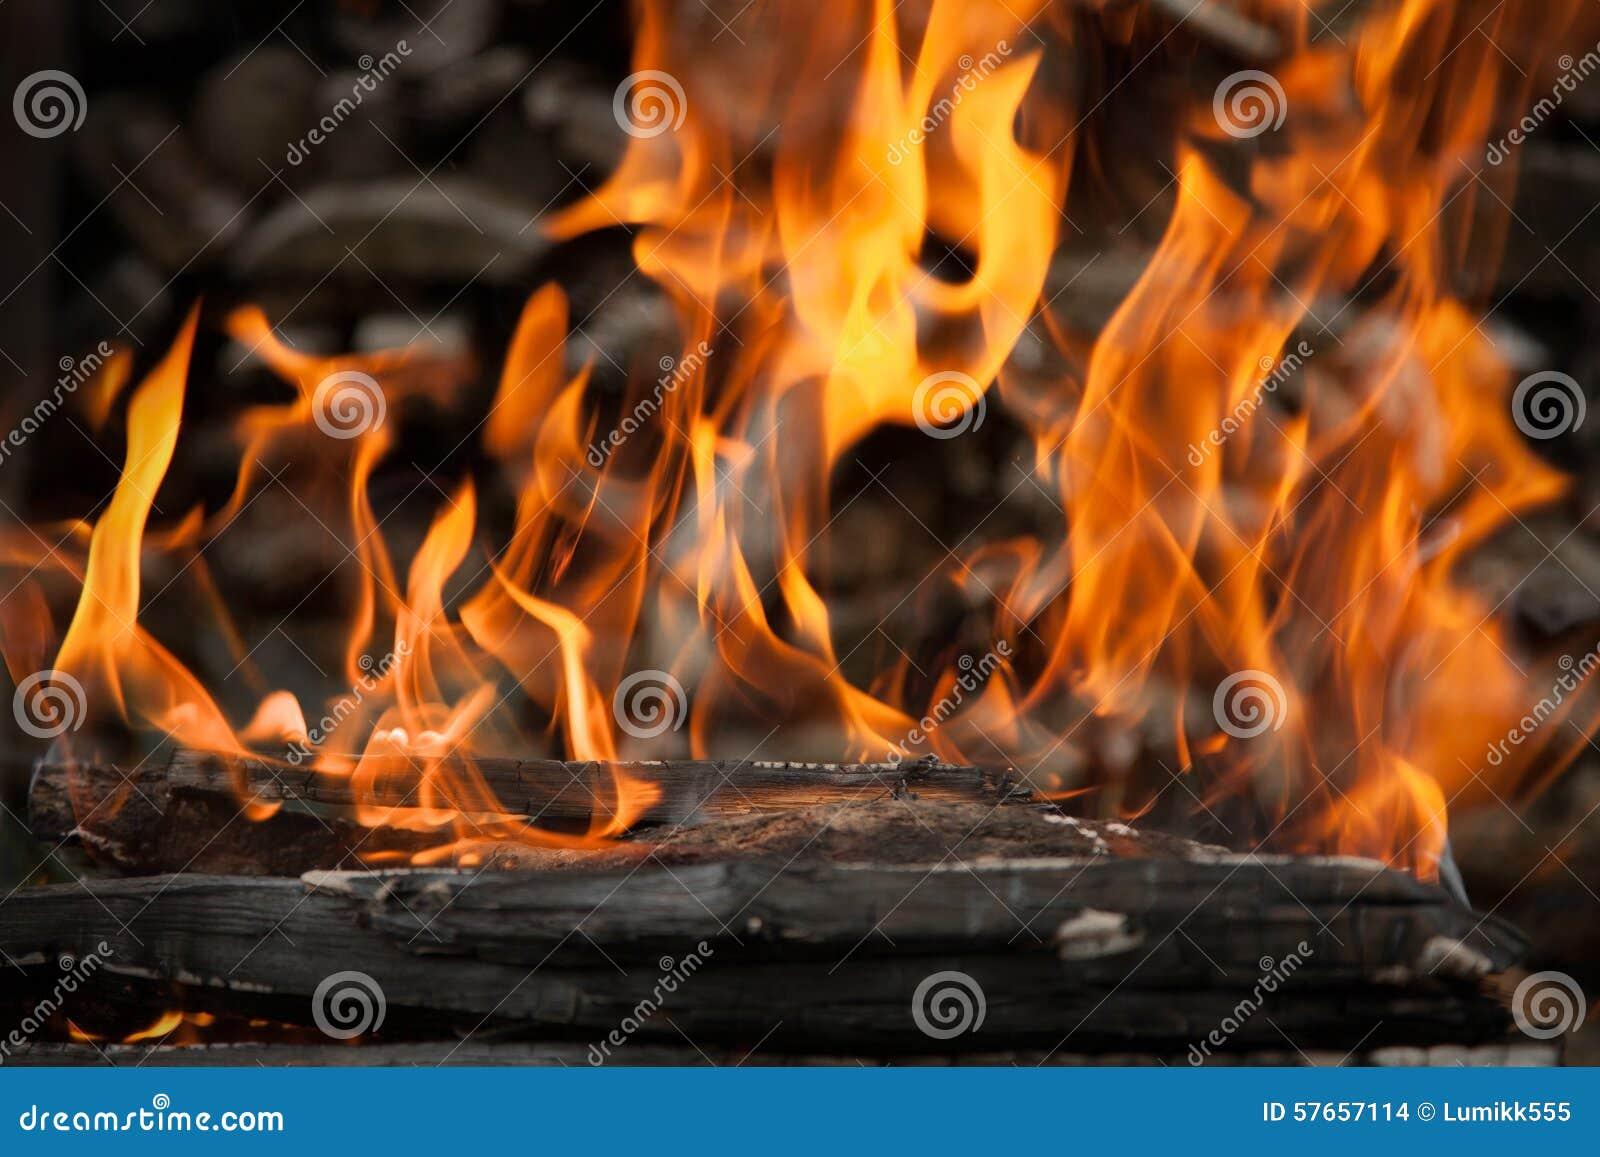 Płonący ogień z drewna